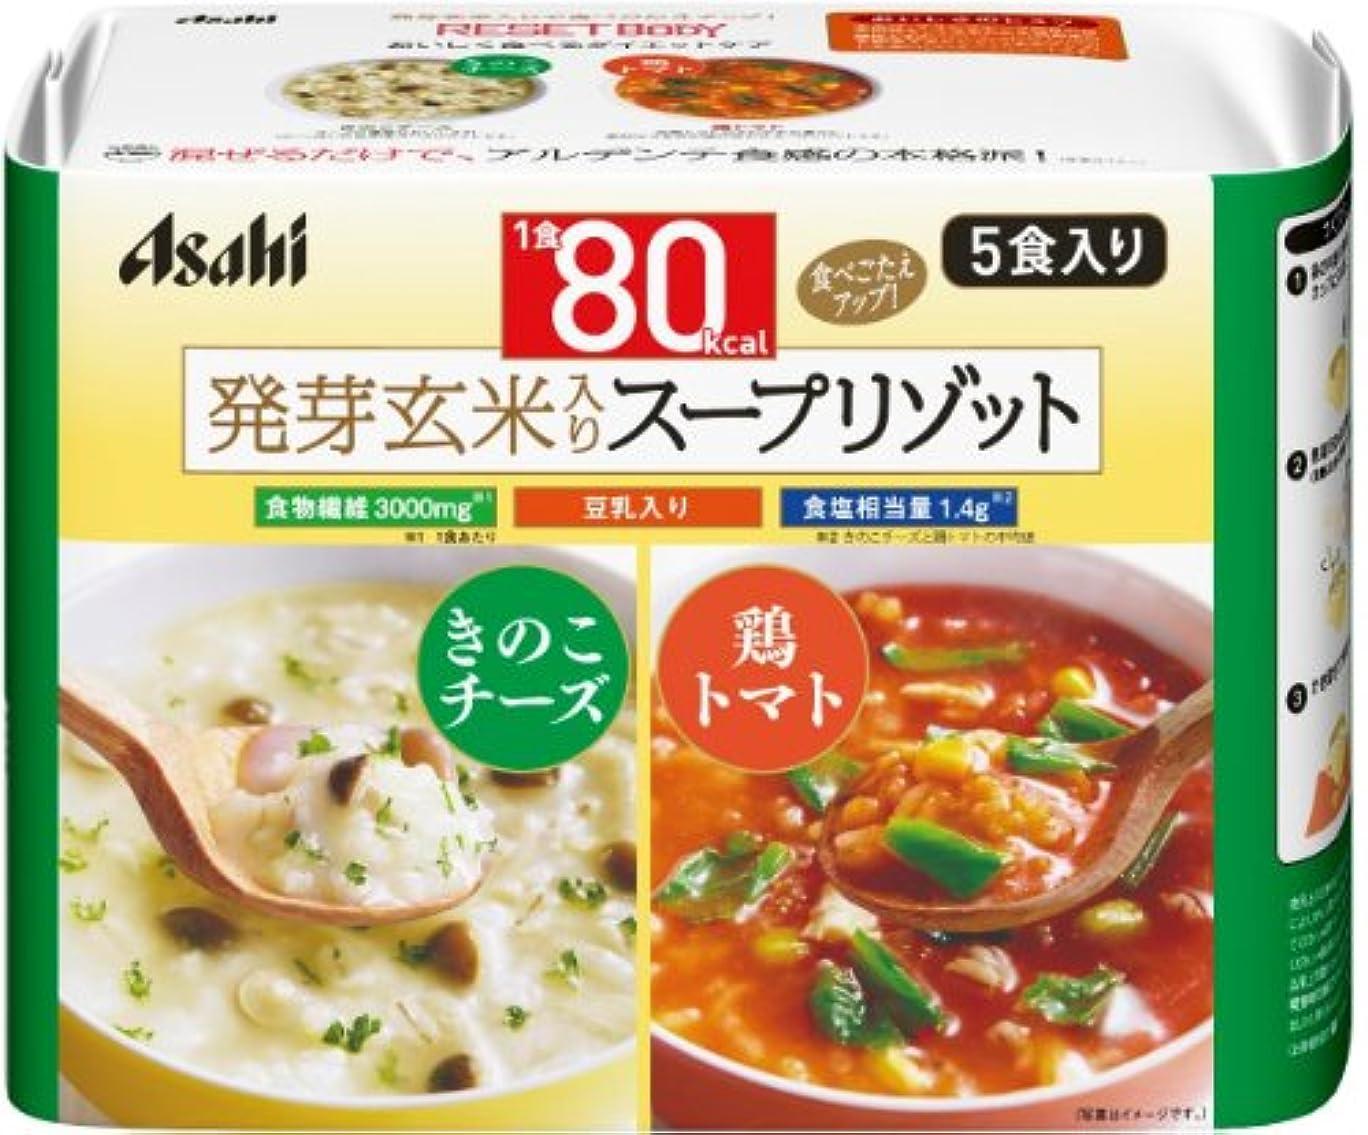 松休日寓話リセットボディ 豆乳きのこチーズ&鶏トマトスープリゾット 5食入